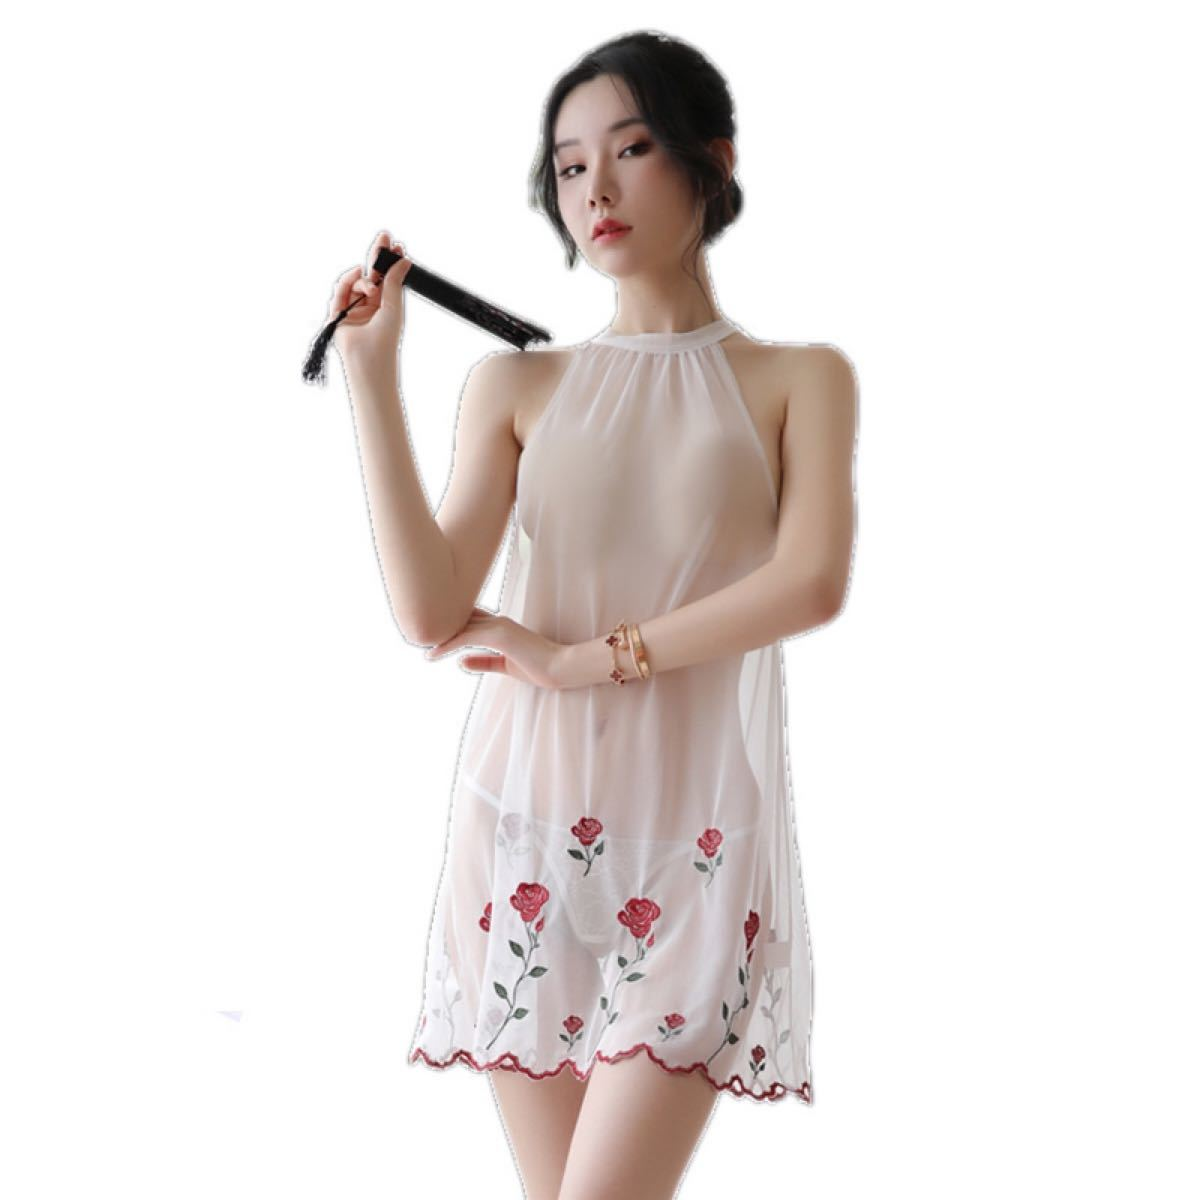 セクシーランジェリ過激 穴あき薔薇刺繍  新婚旅行 tバック付き2点セット